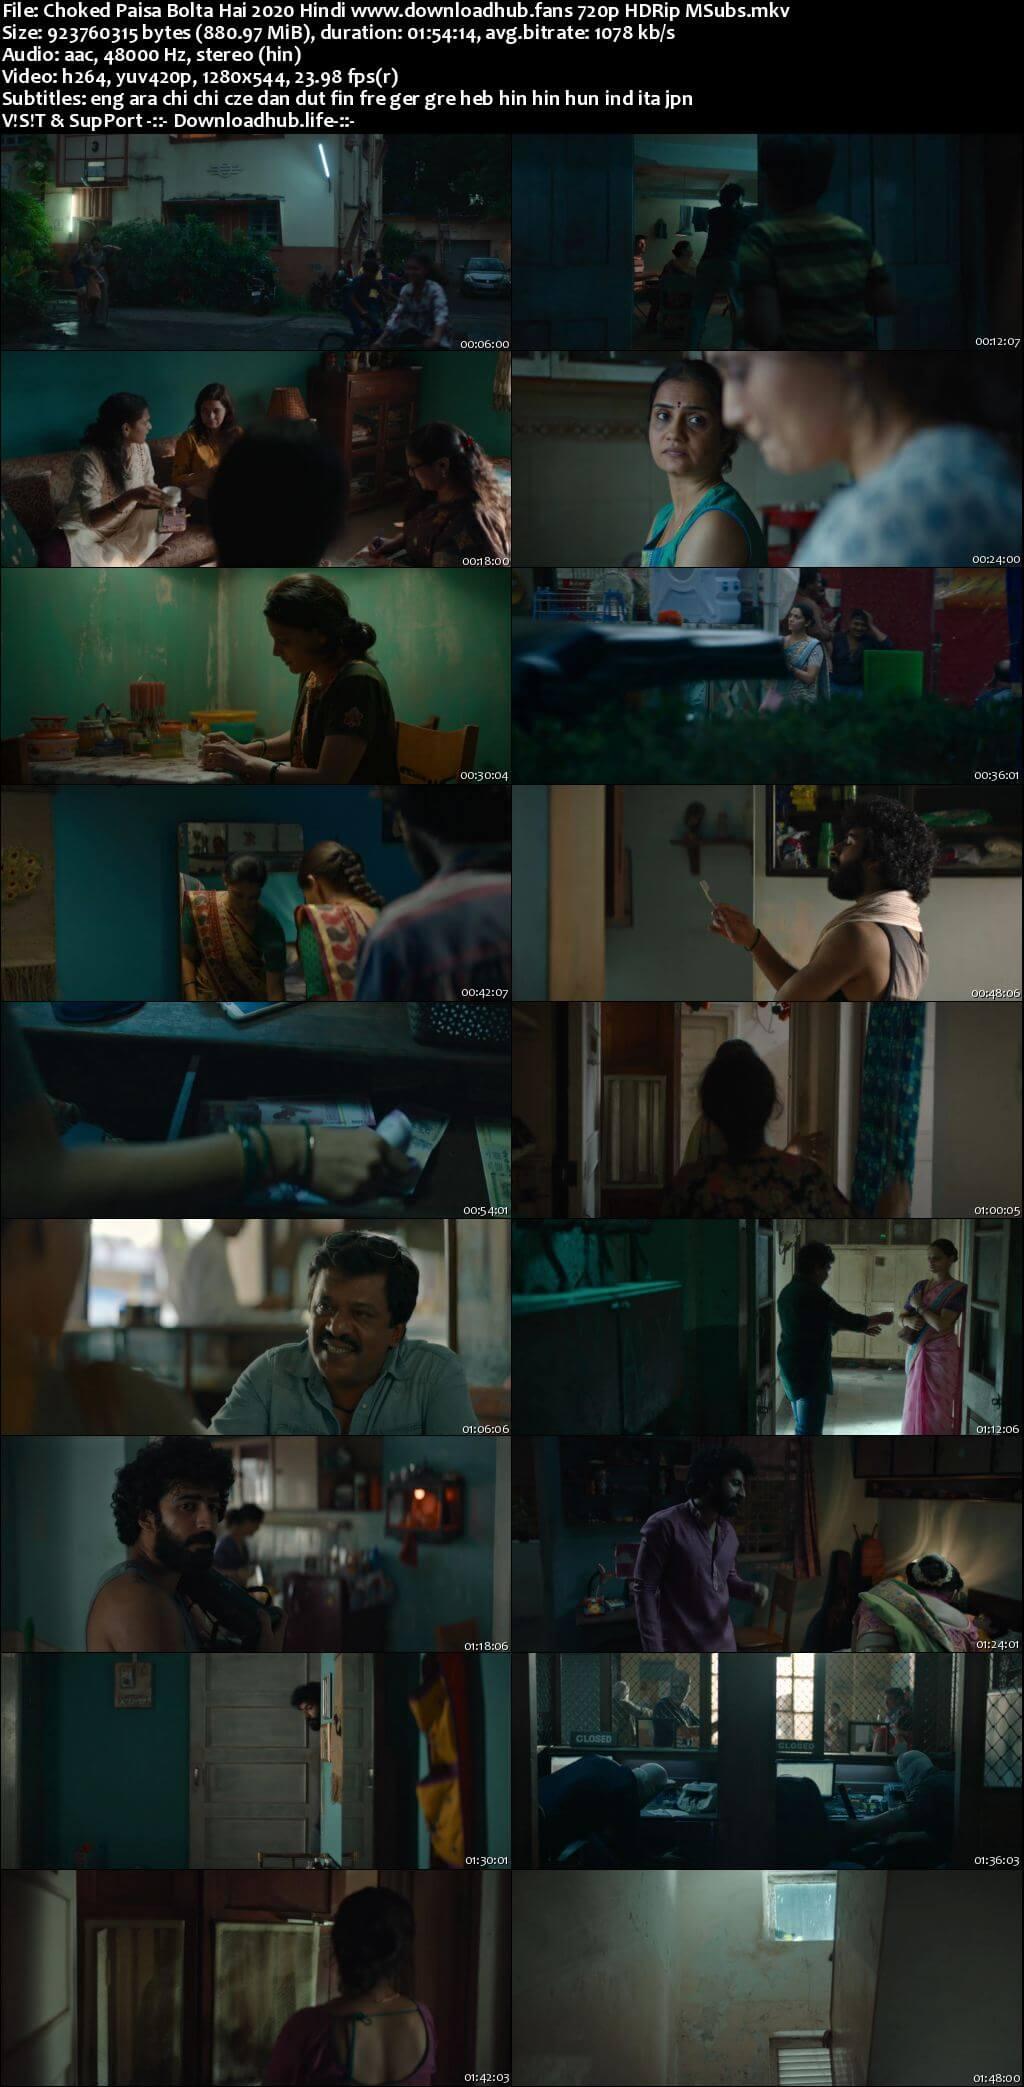 Choked Paisa Bolta Hai 2020 Hindi 720p HDRip MSubs